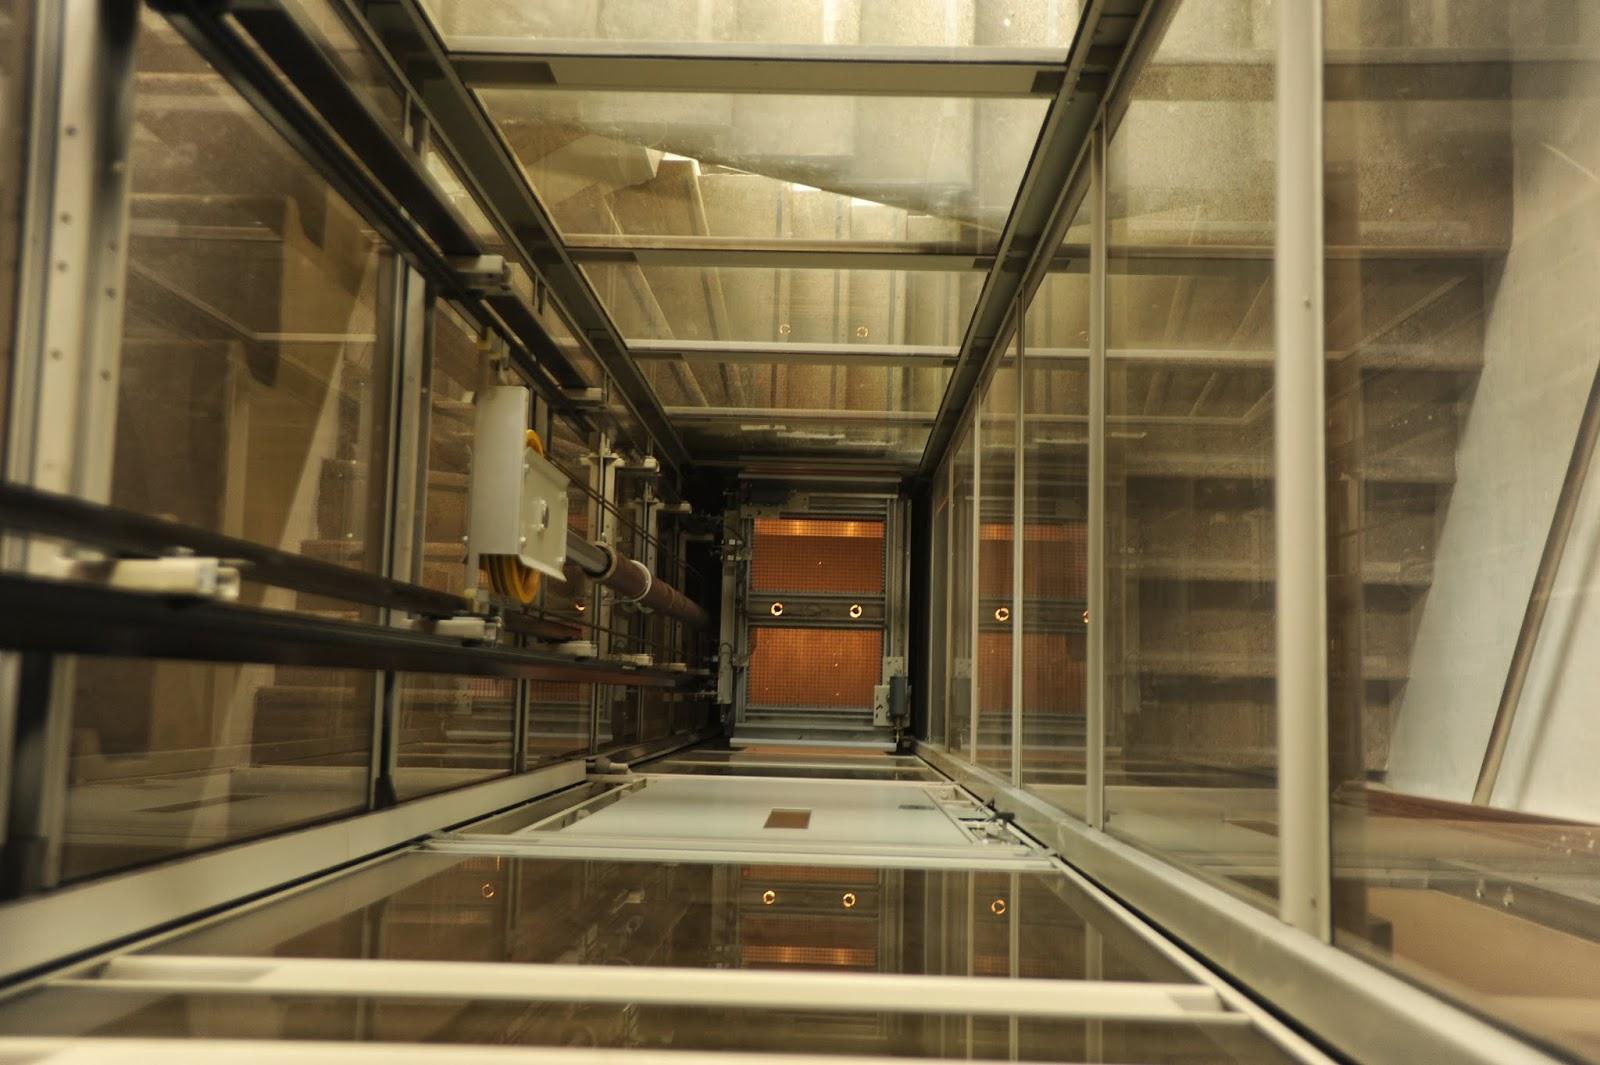 Pandiscia Ascensori Srl: Installazione di un ascensore in condominio